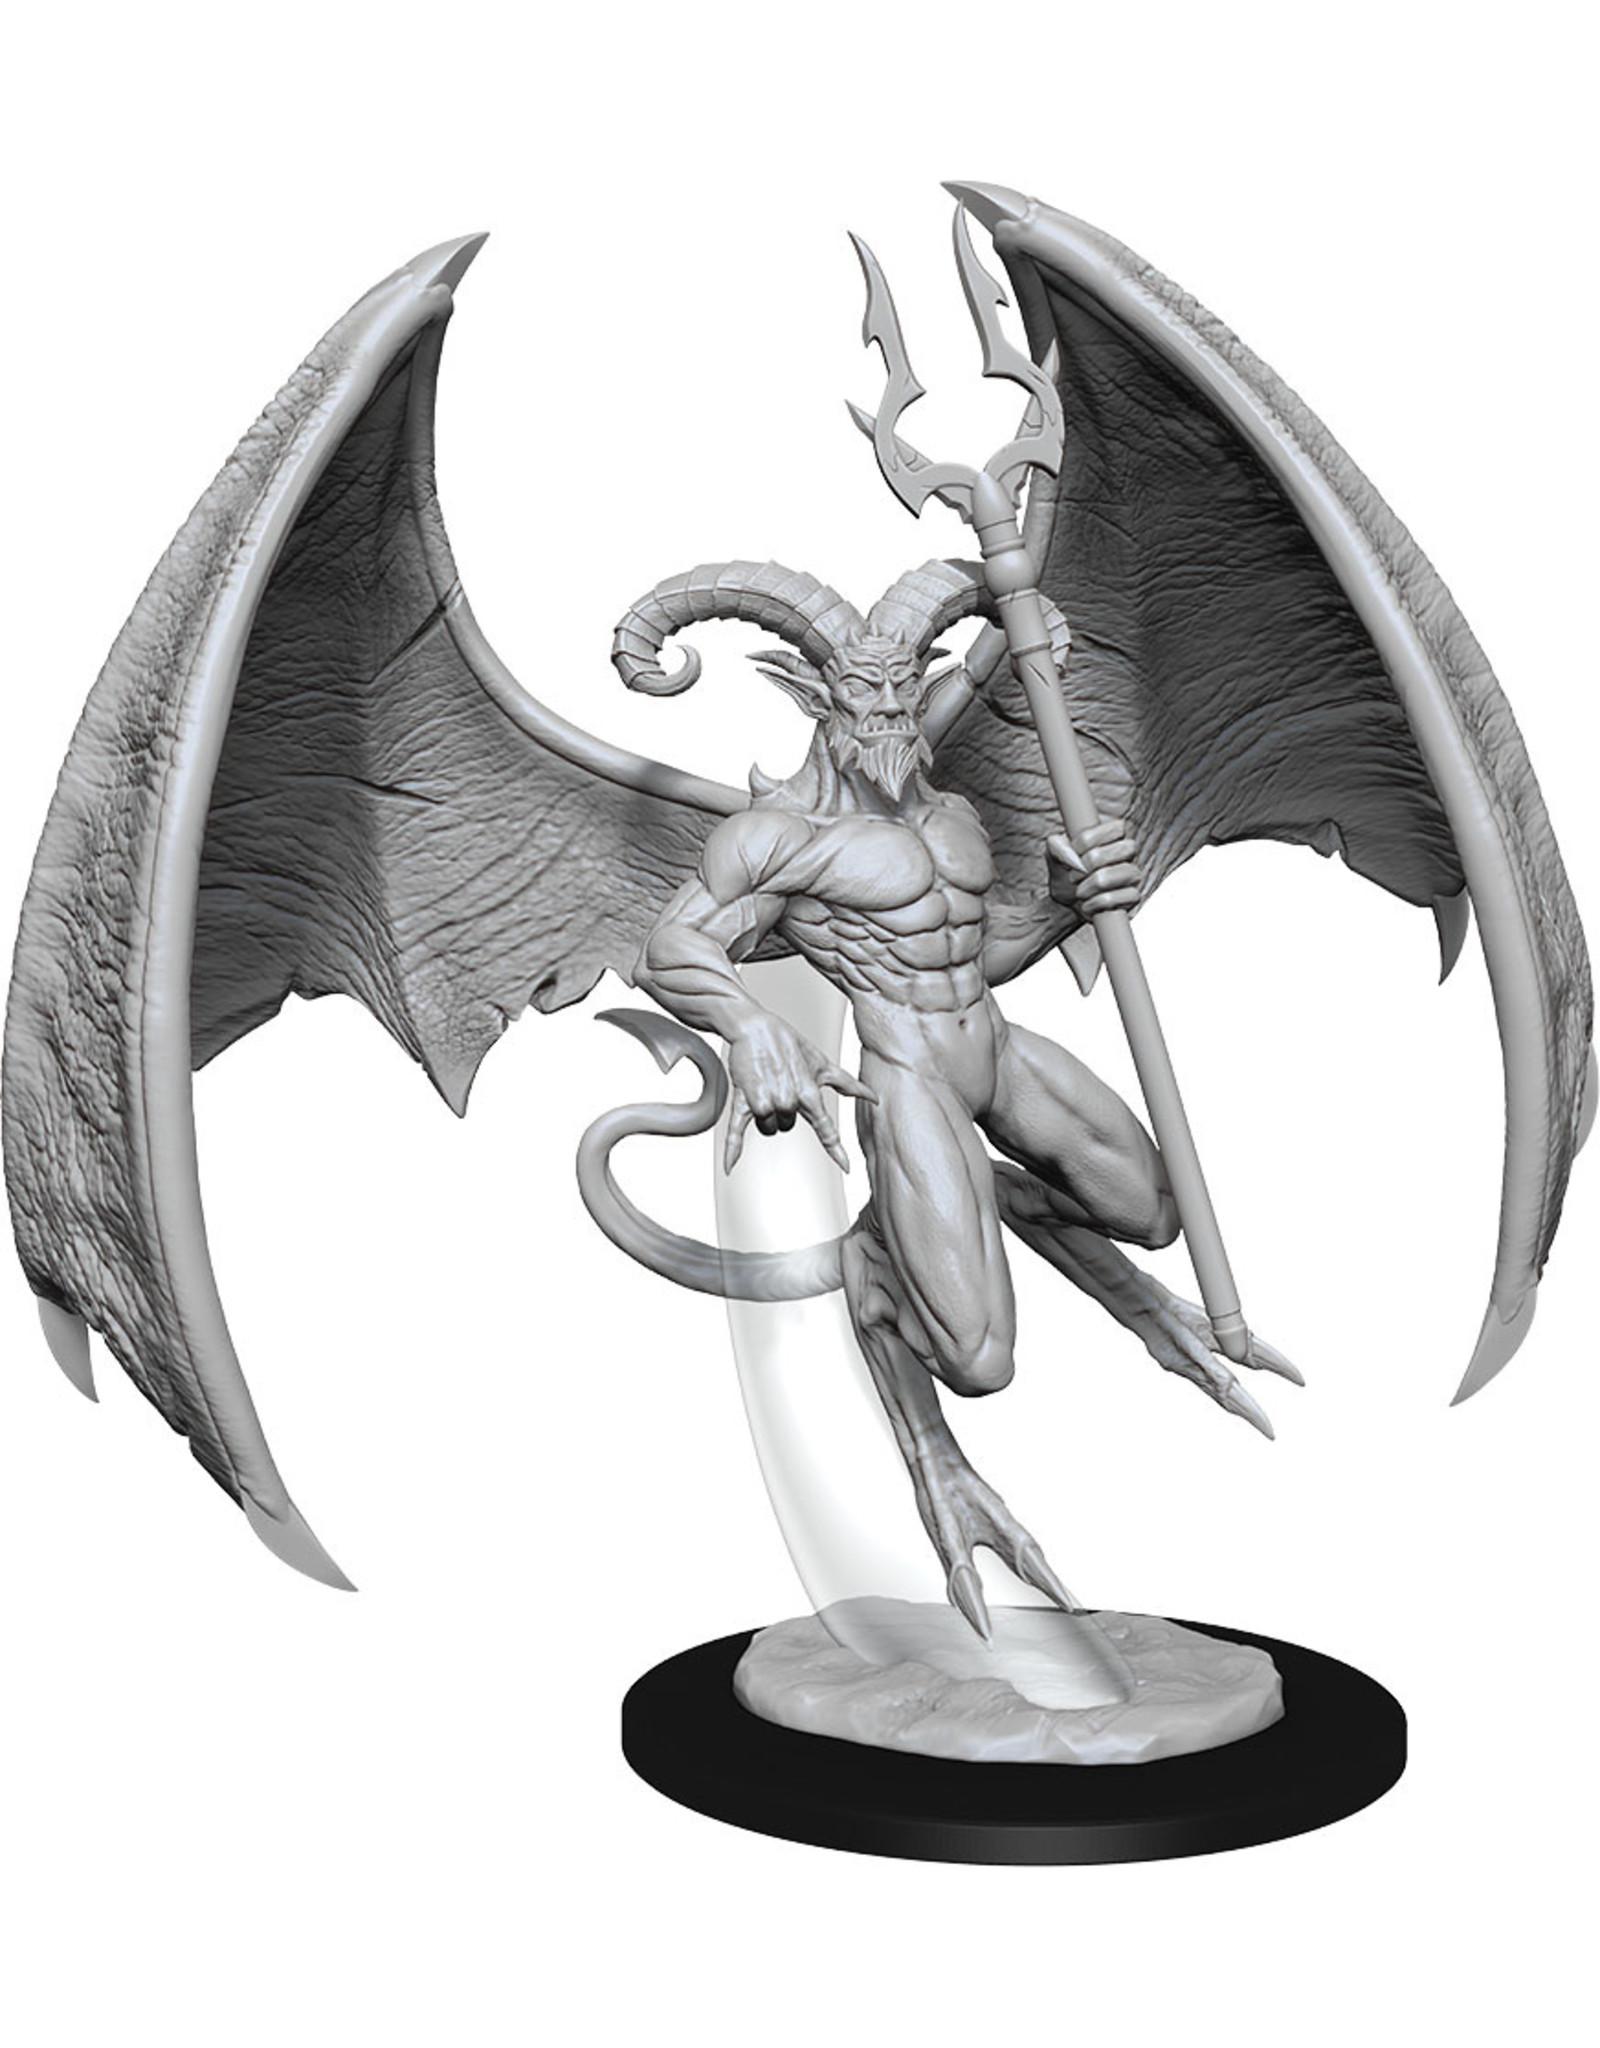 WizKids Dungeons & Dragons Nolzur`s Marvelous Unpainted Miniatures: W14 Horned Devil